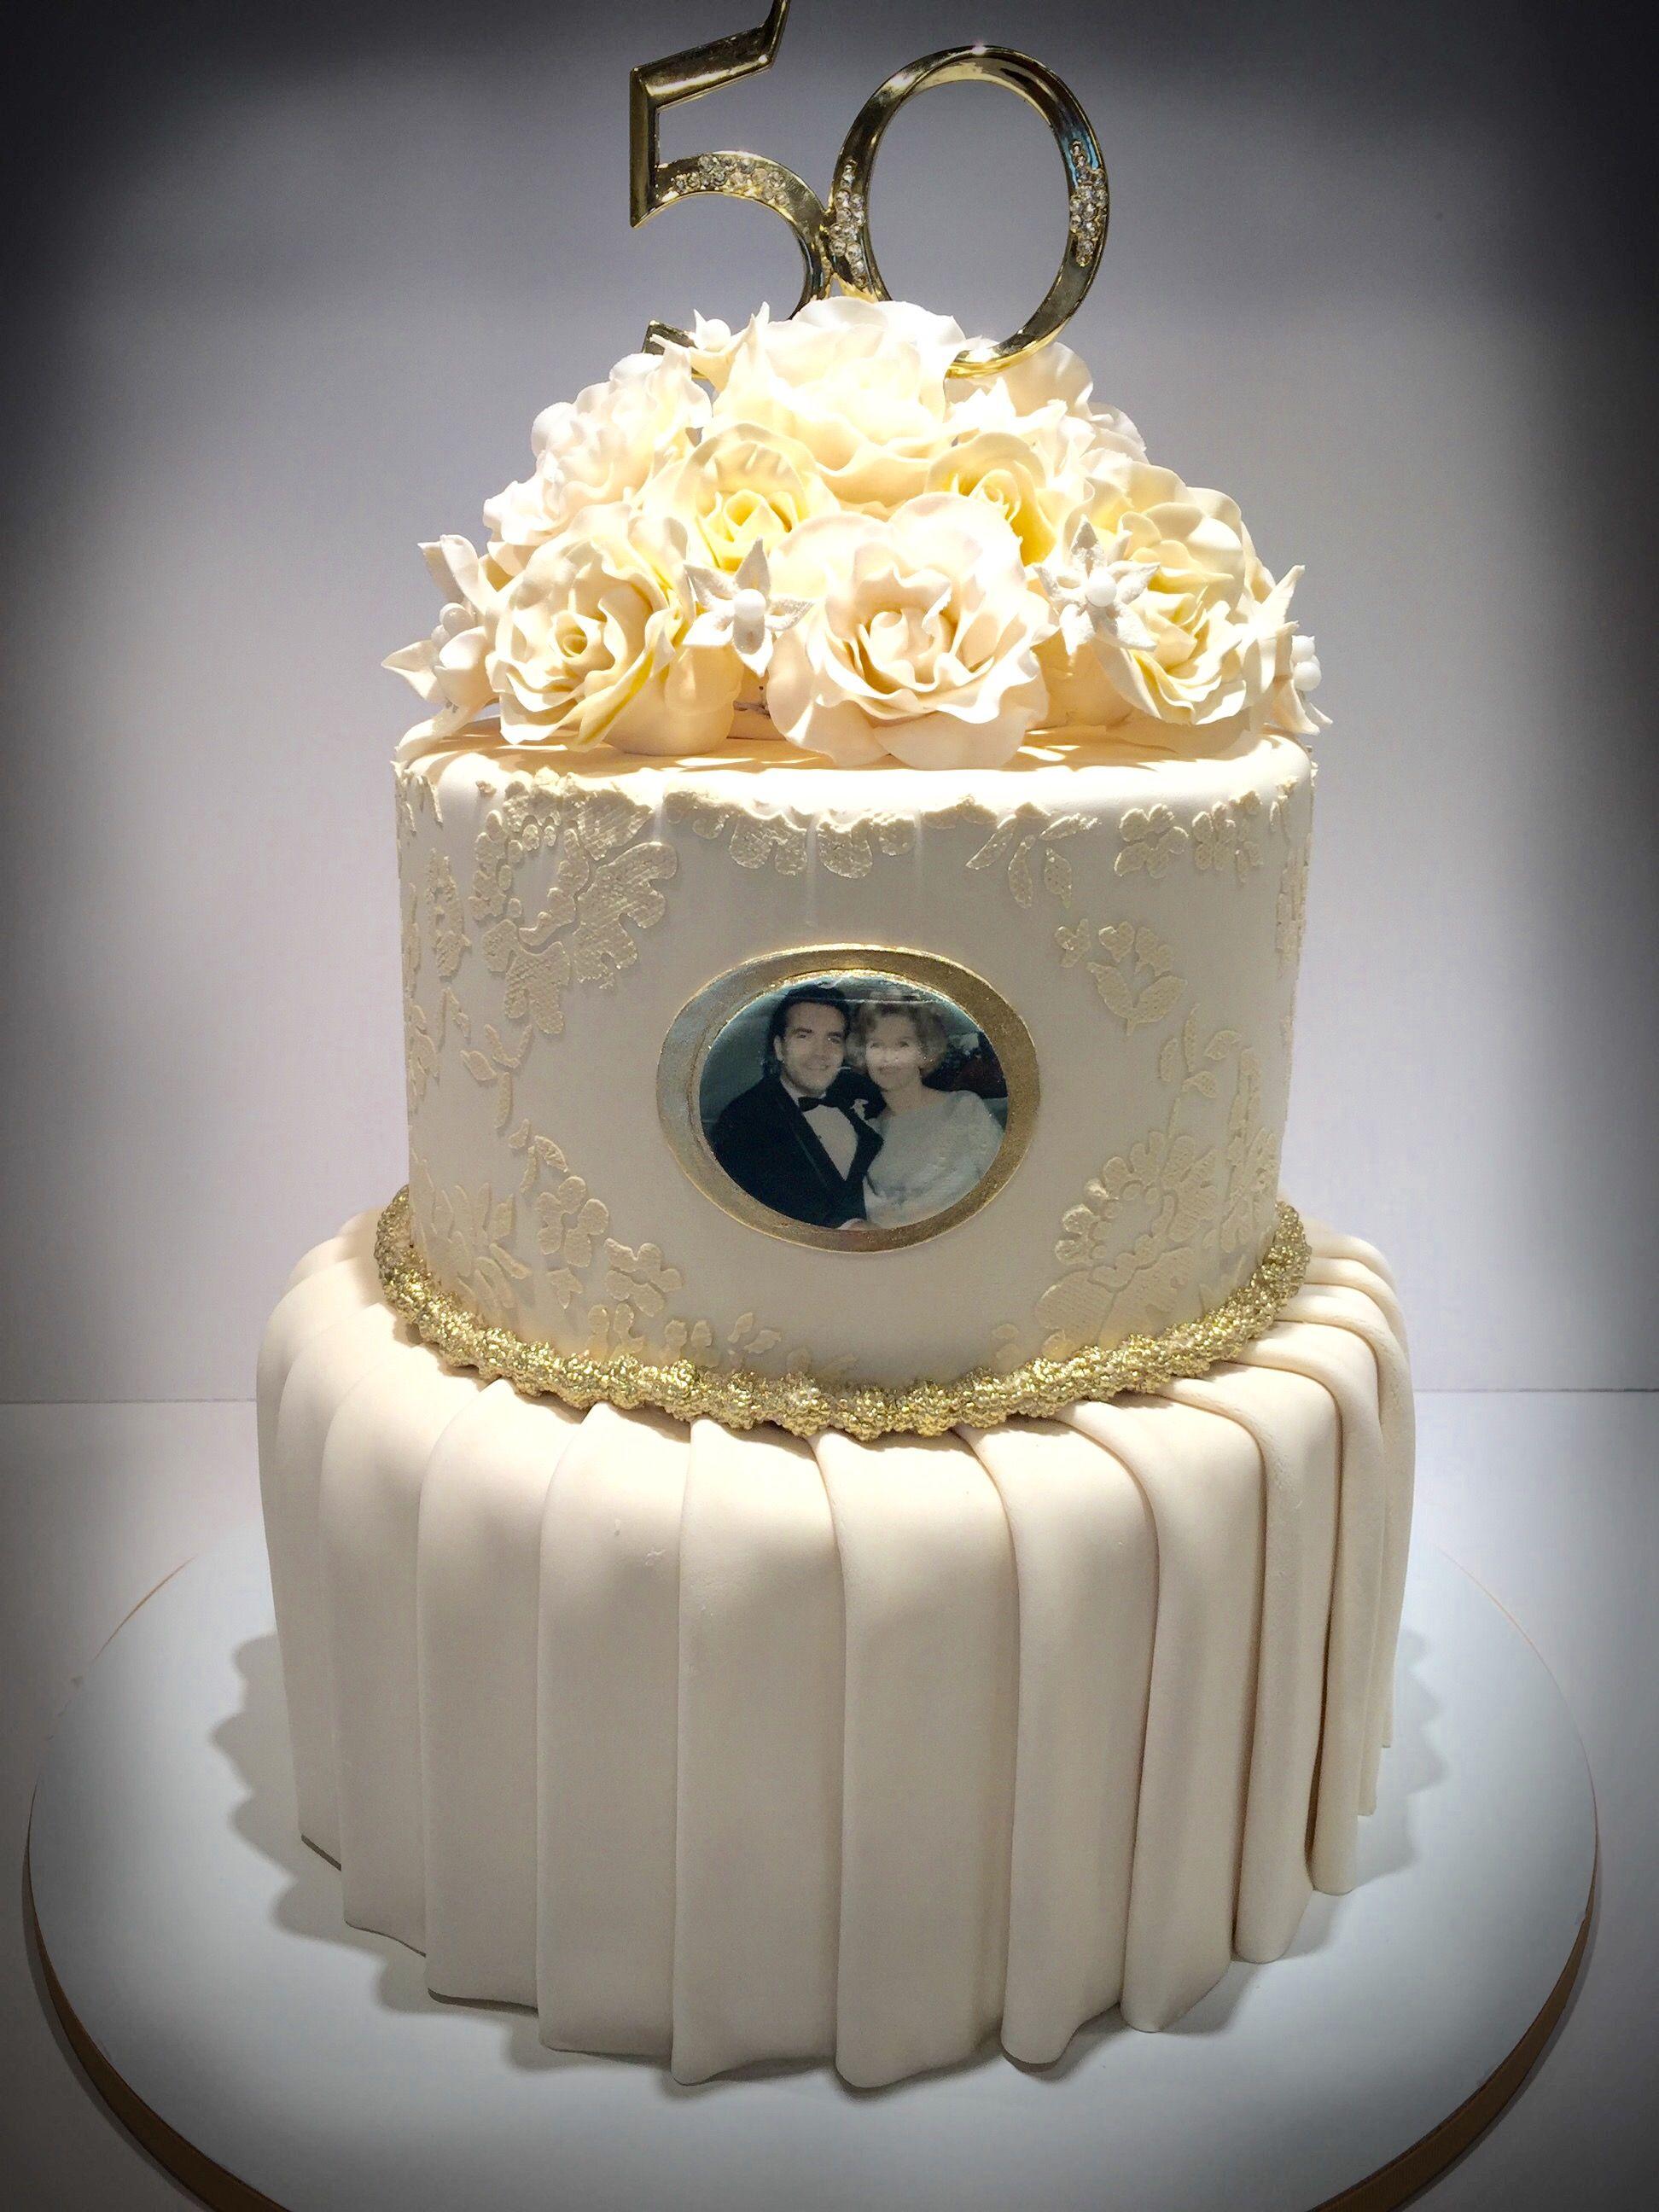 50th anniversary cake 50th anniversary cakes wedding